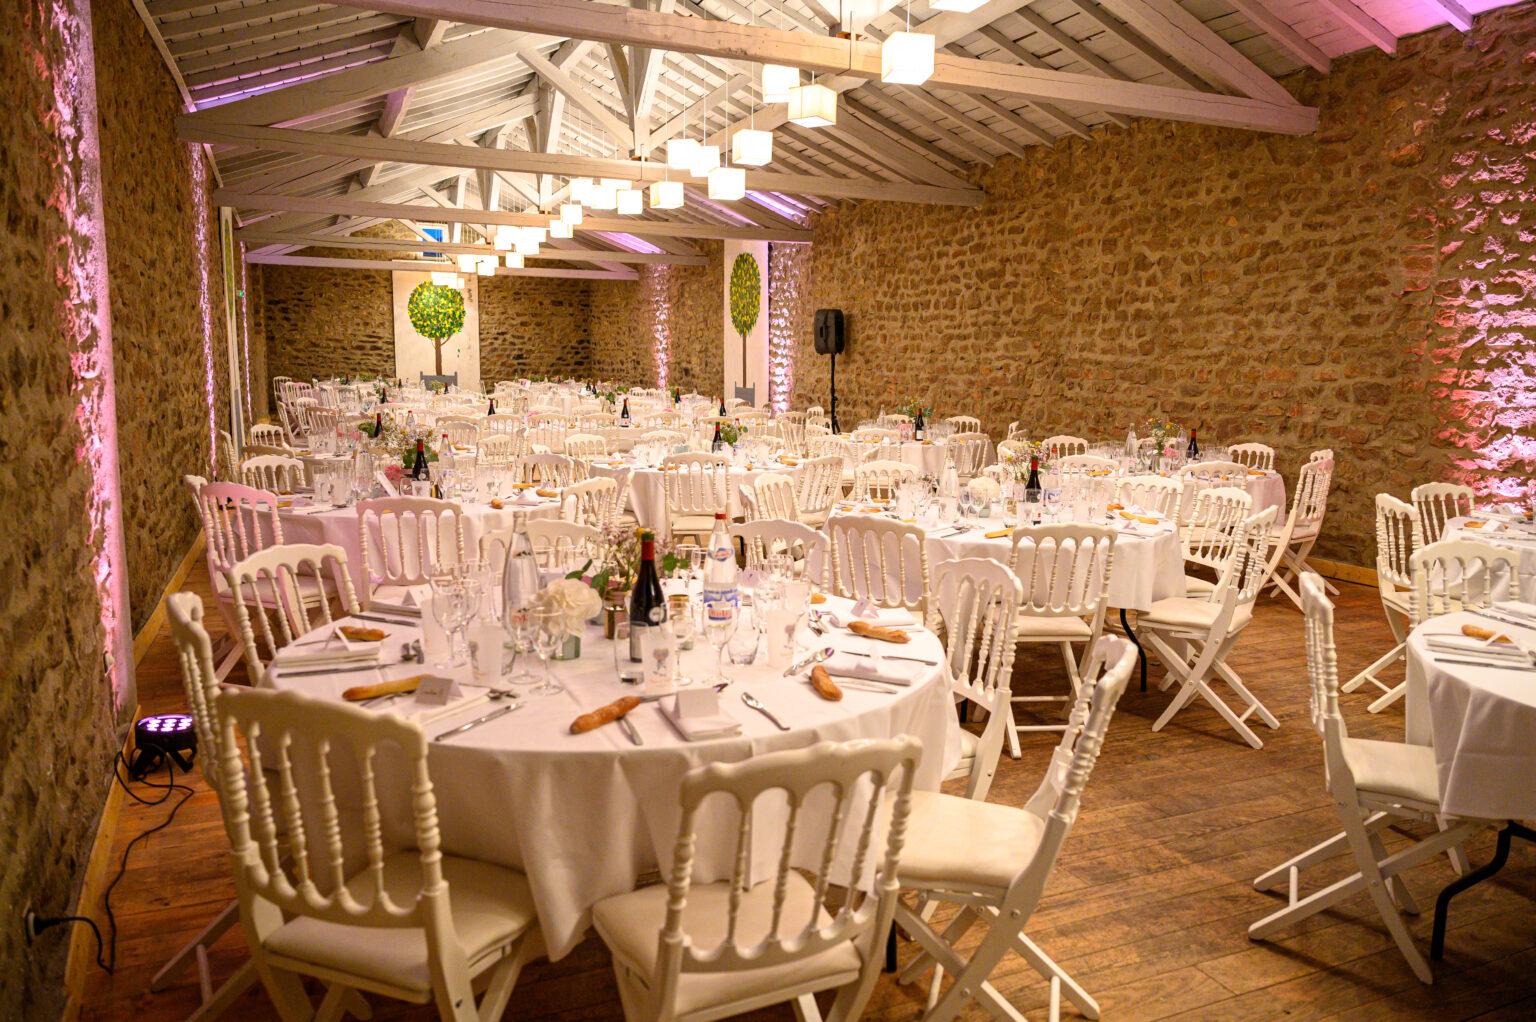 Décoration tables de mariage avec jeu de lumière projecteurs sur les murs dans le Beaujolais, près de Lyon et Villefranche-sur-Saône